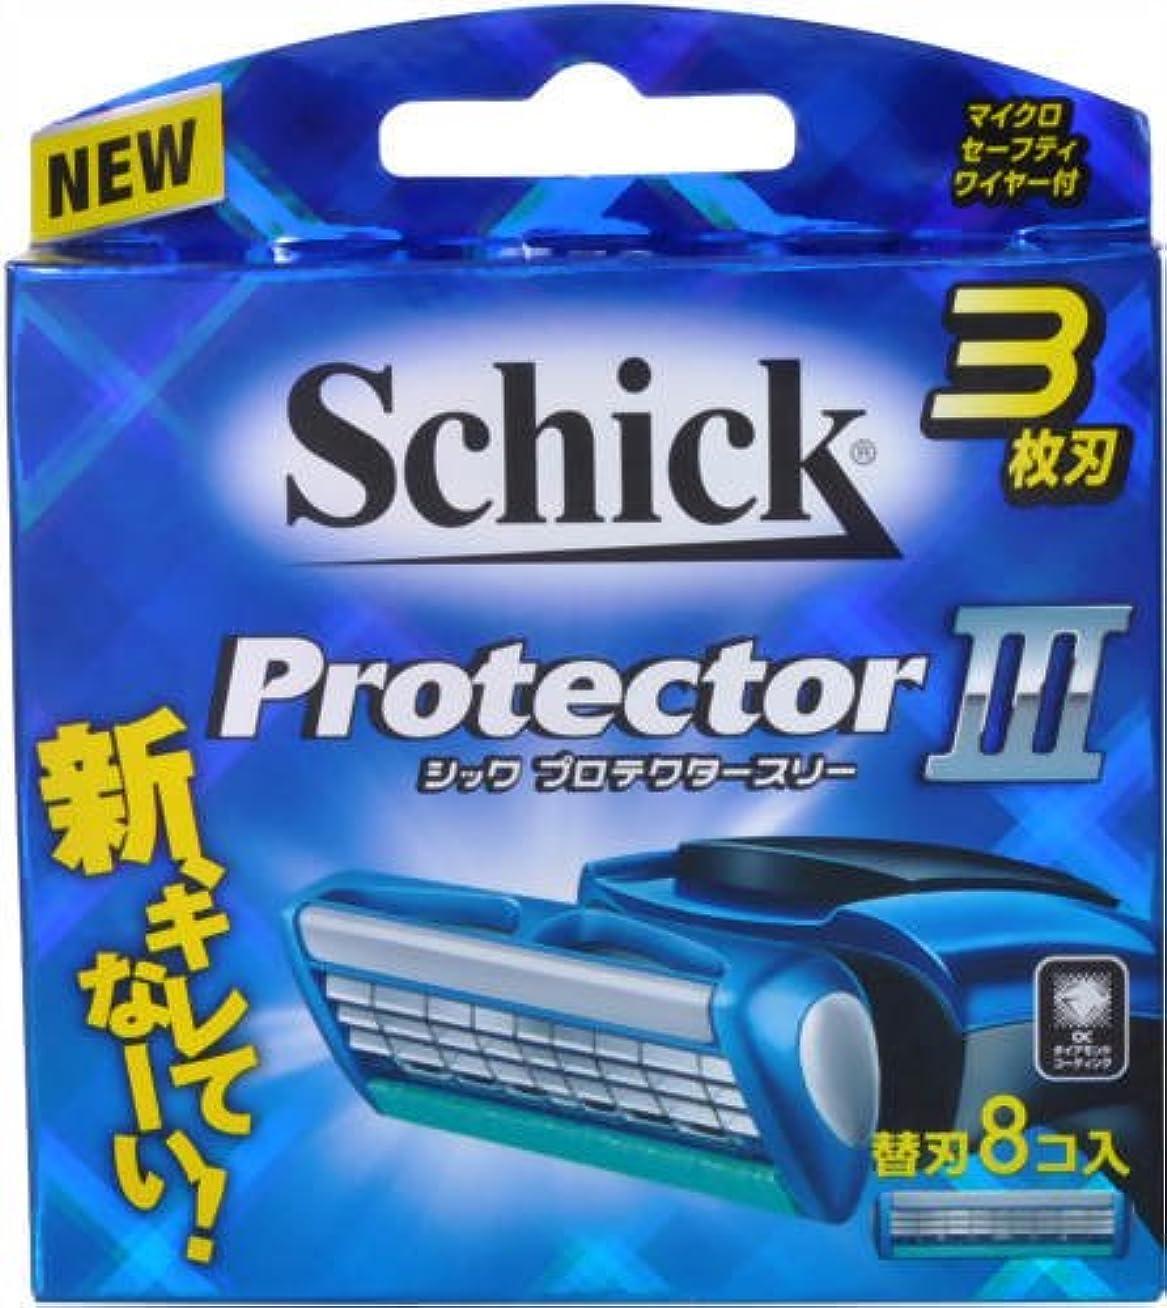 仕方繊細部シック プロテクタースリー 替刃 (8コ入)